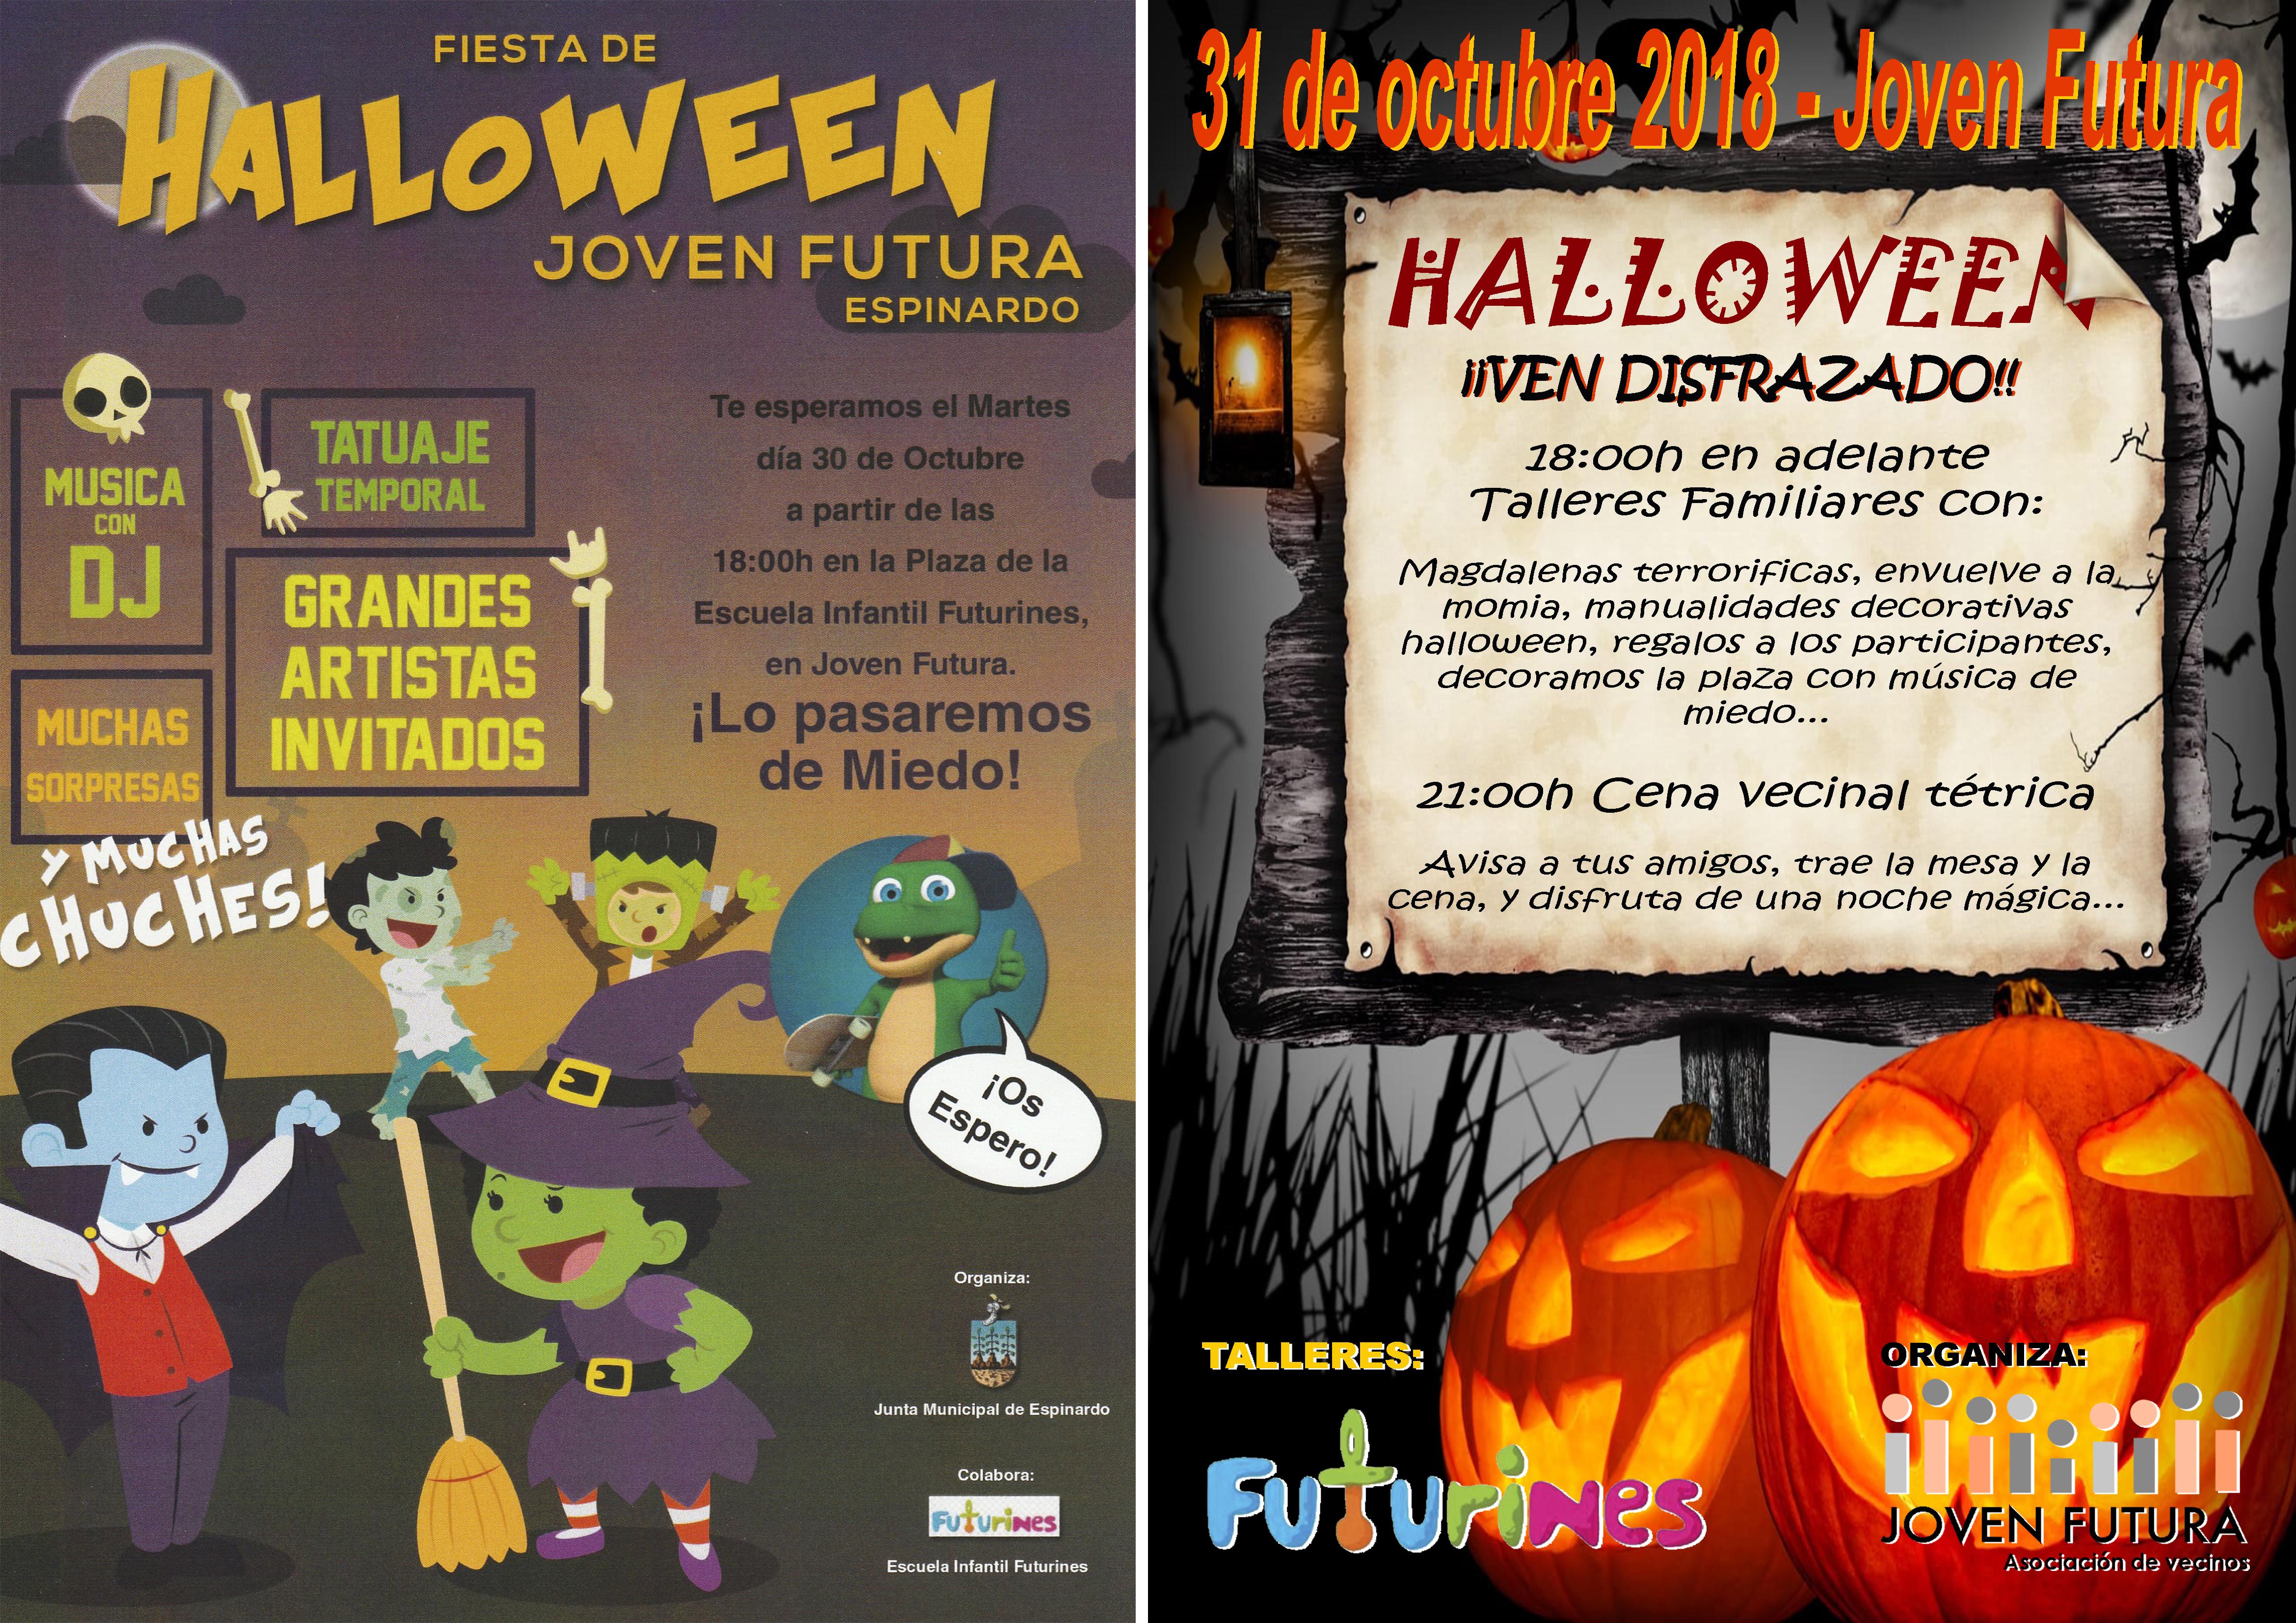 2018-10-31 Cartel Halloween 2018 Junta Municipal y Asociación Vecinos Joven Futura